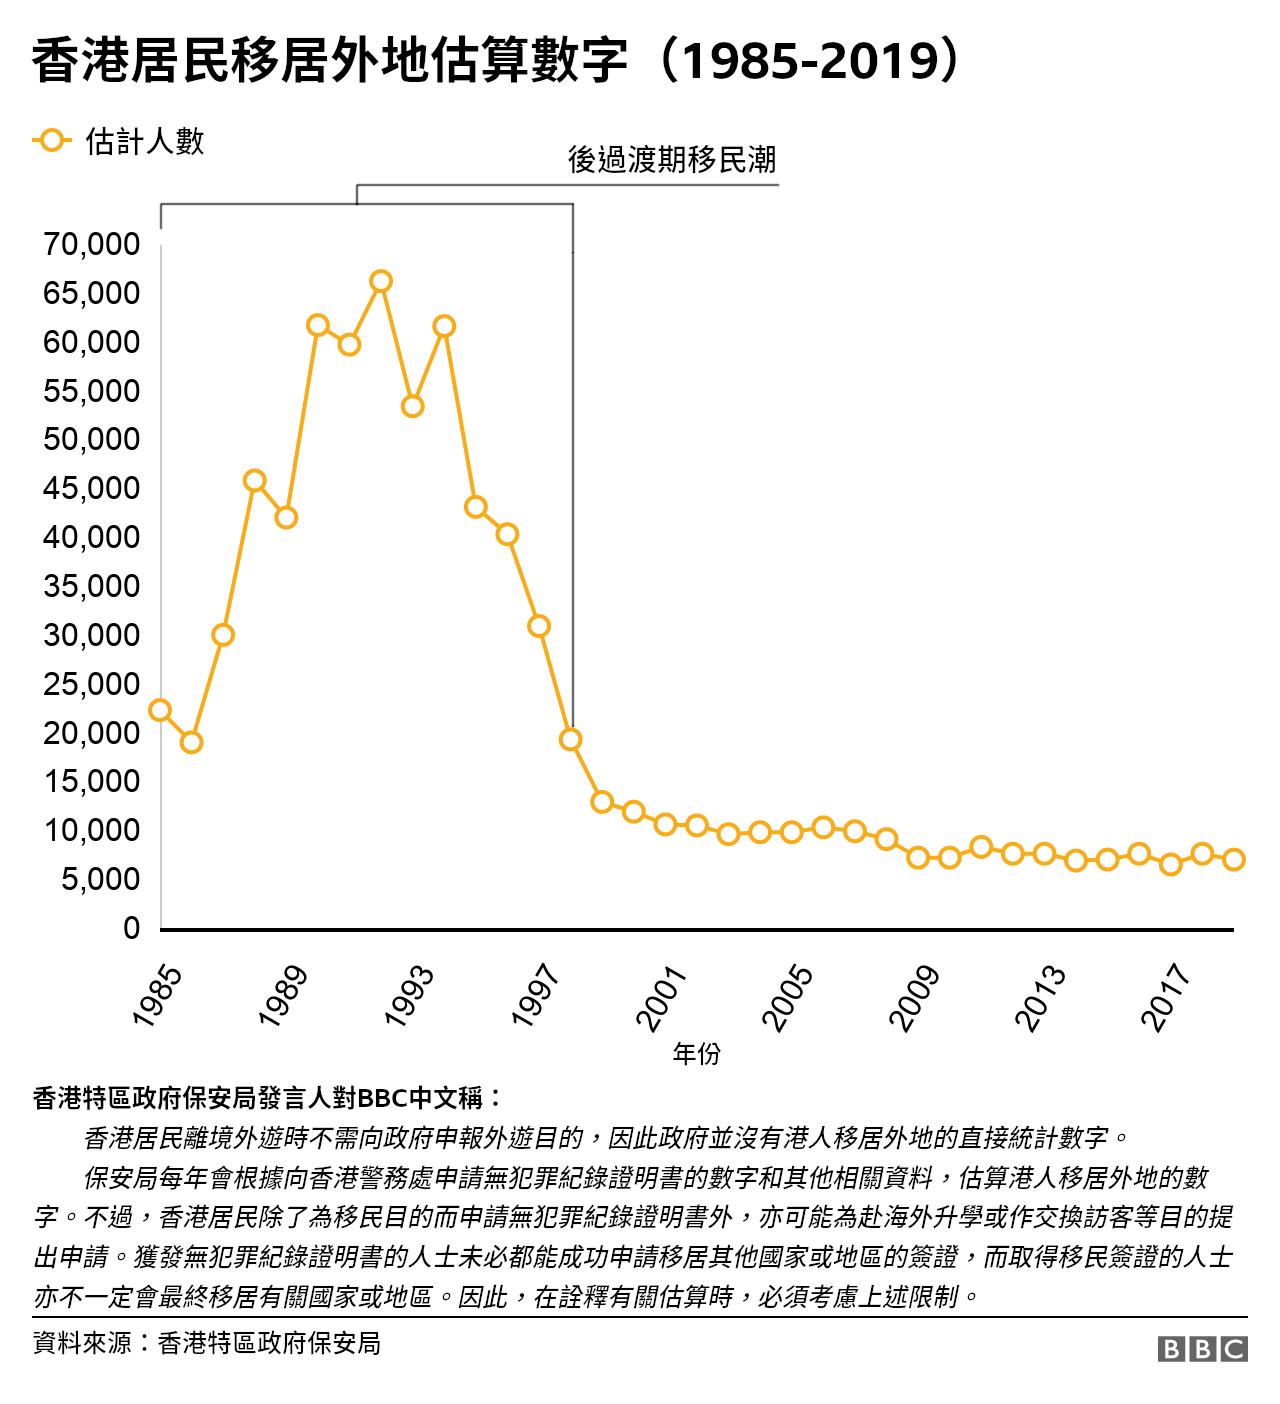 圖表:香港特區政府推算之居民移居外地估算數字(1985-2019)